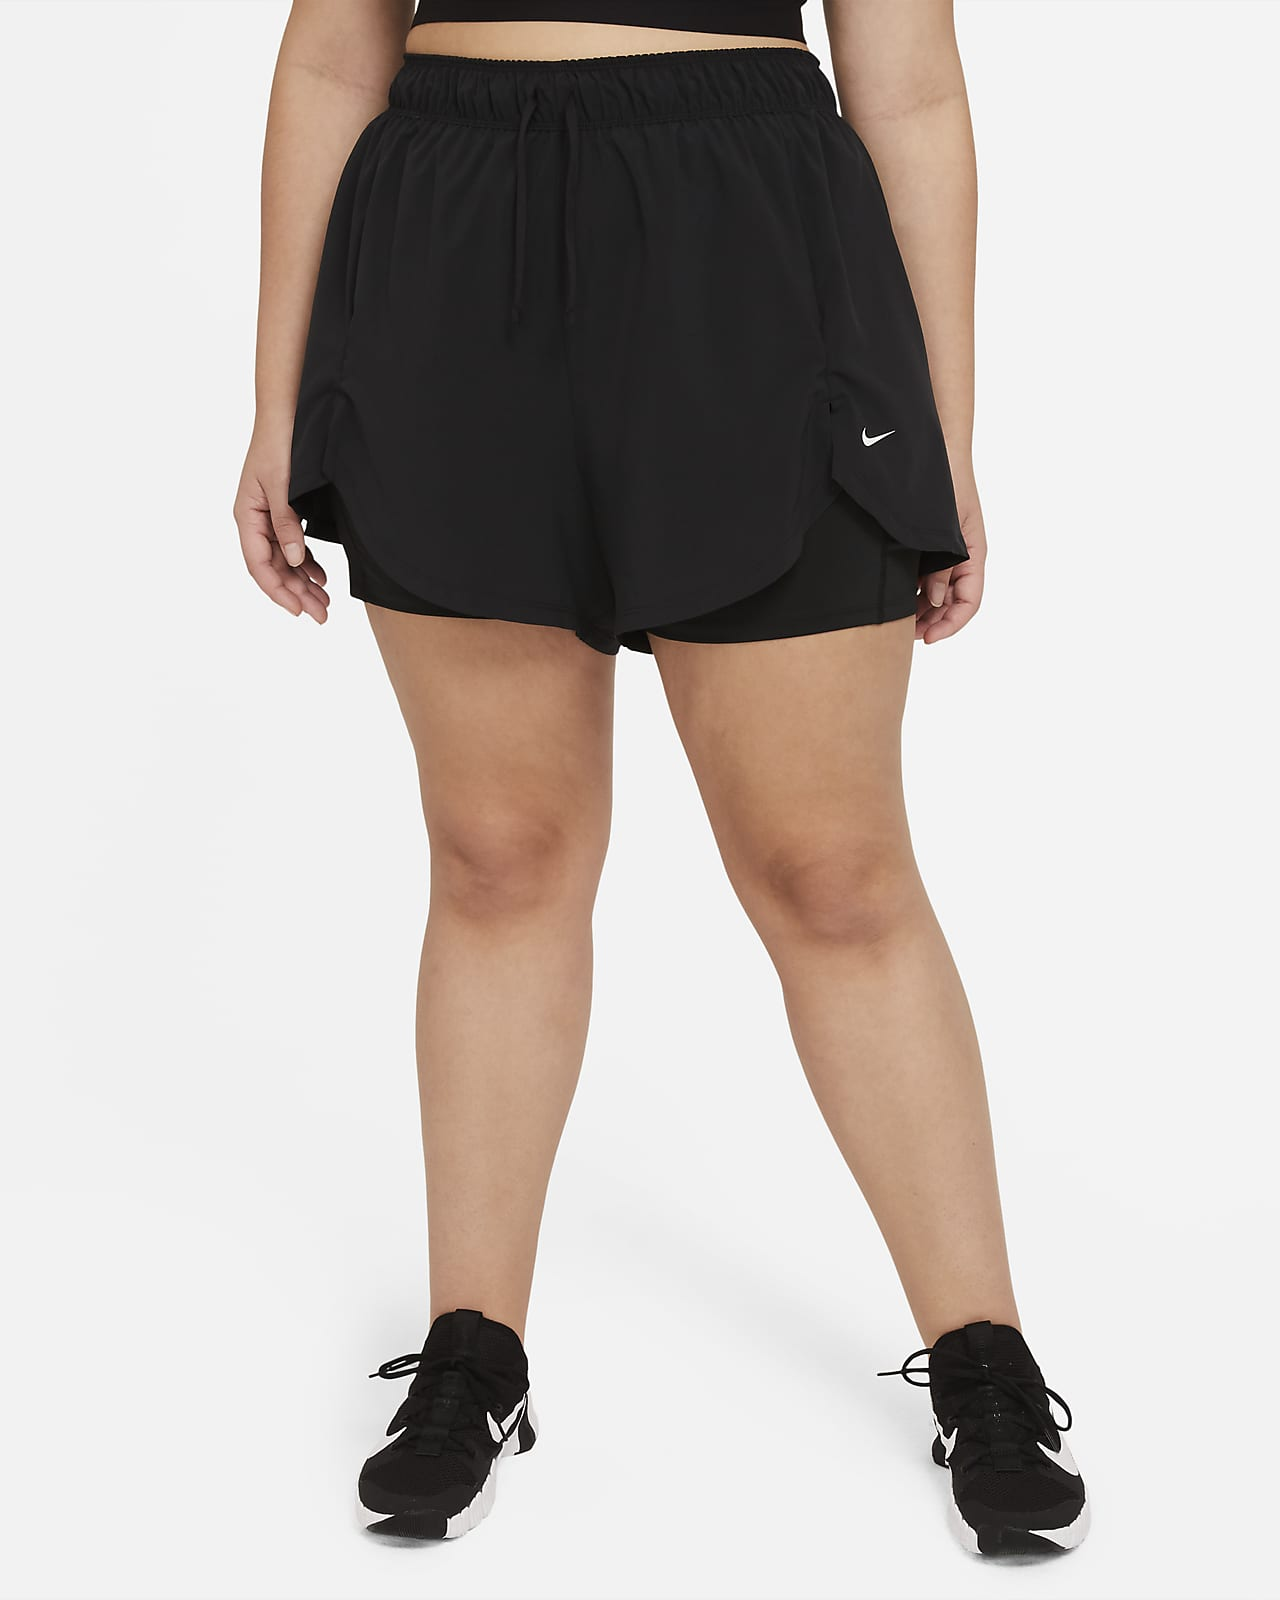 Γυναικείο σορτς προπόνησης 2 σε 1 Nike Flex Essential (μεγάλα μεγέθη)